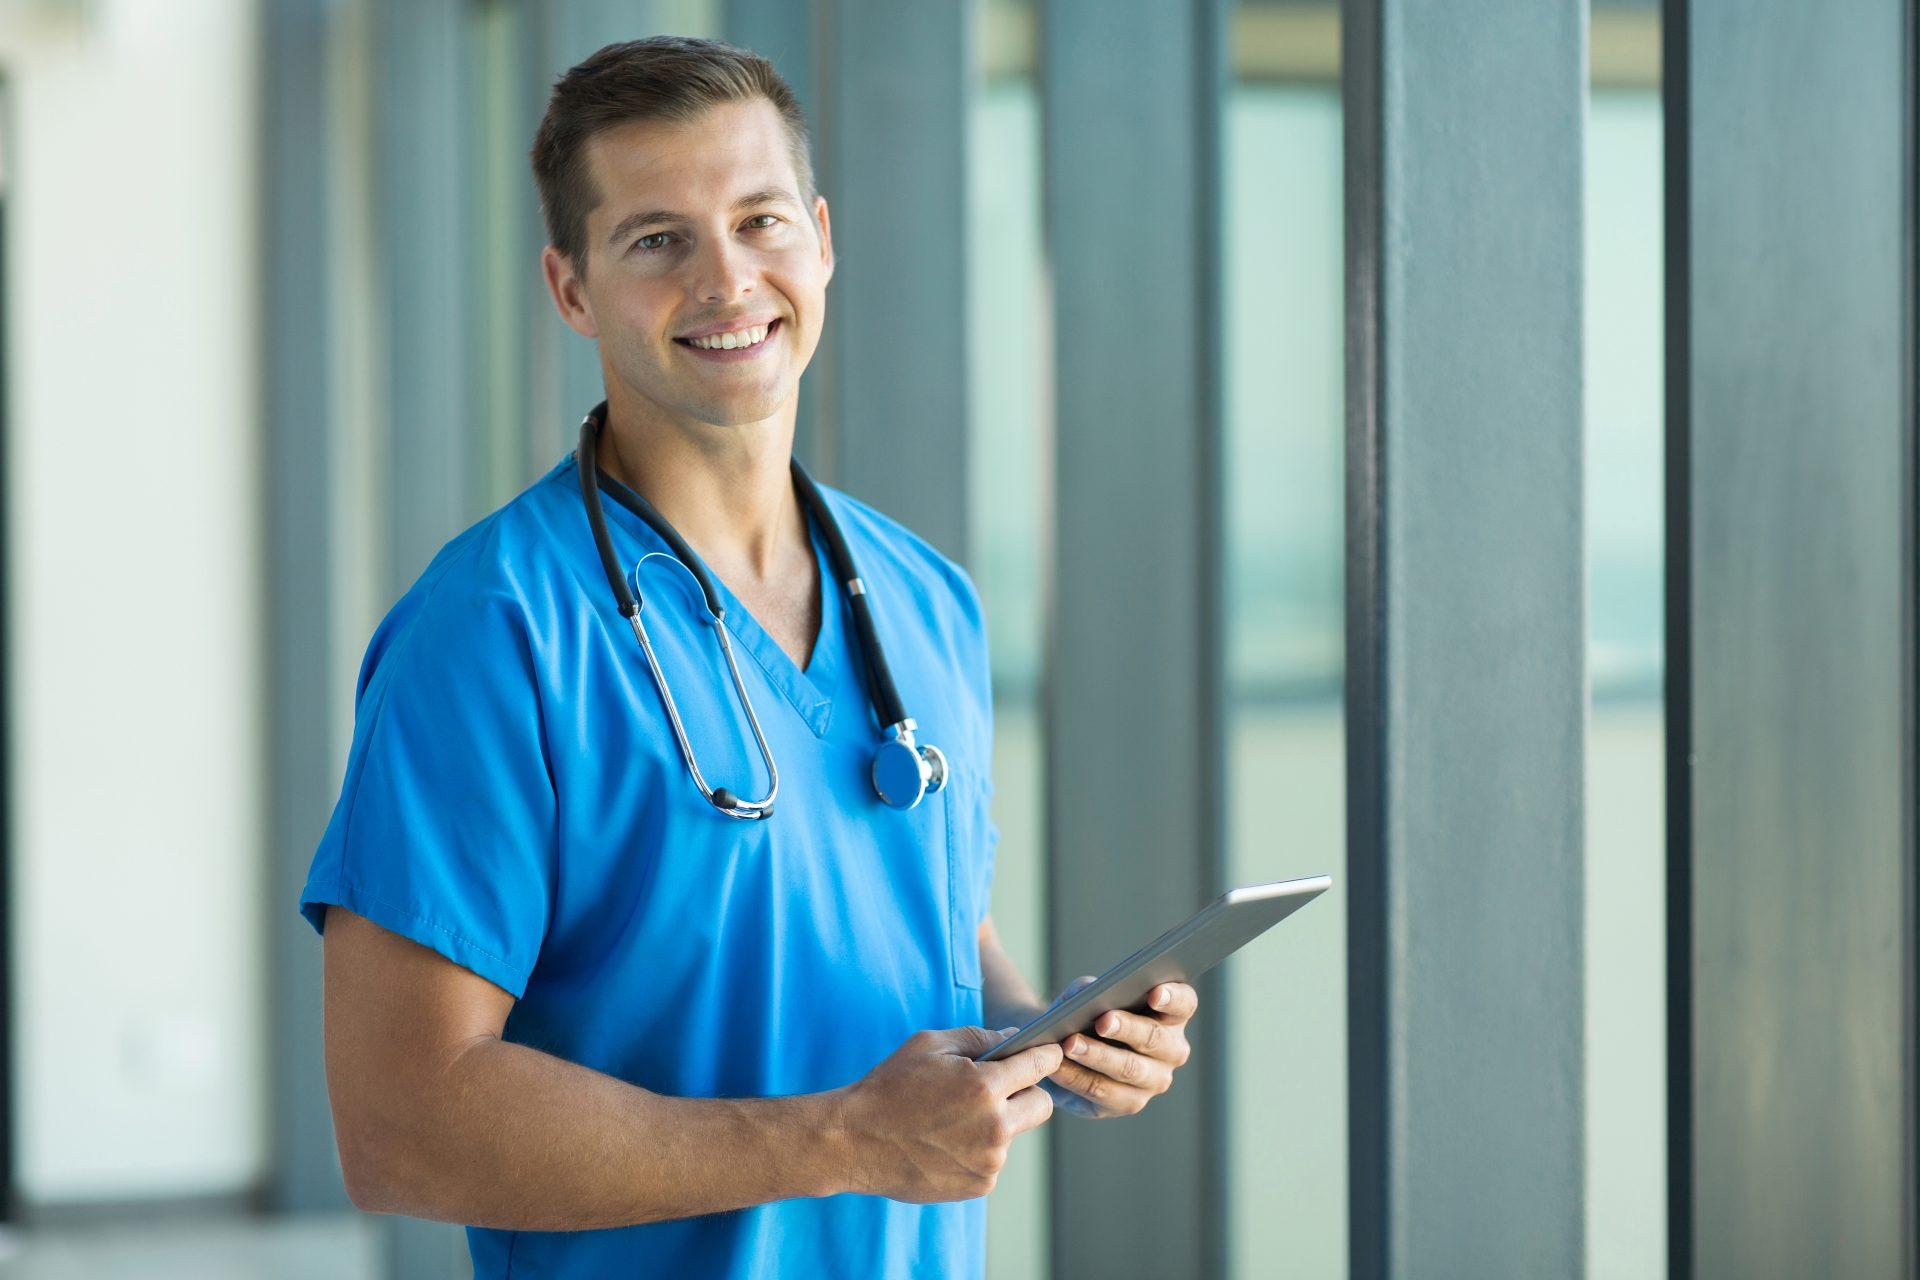 Nursing career for men  – Lourdes Hospital